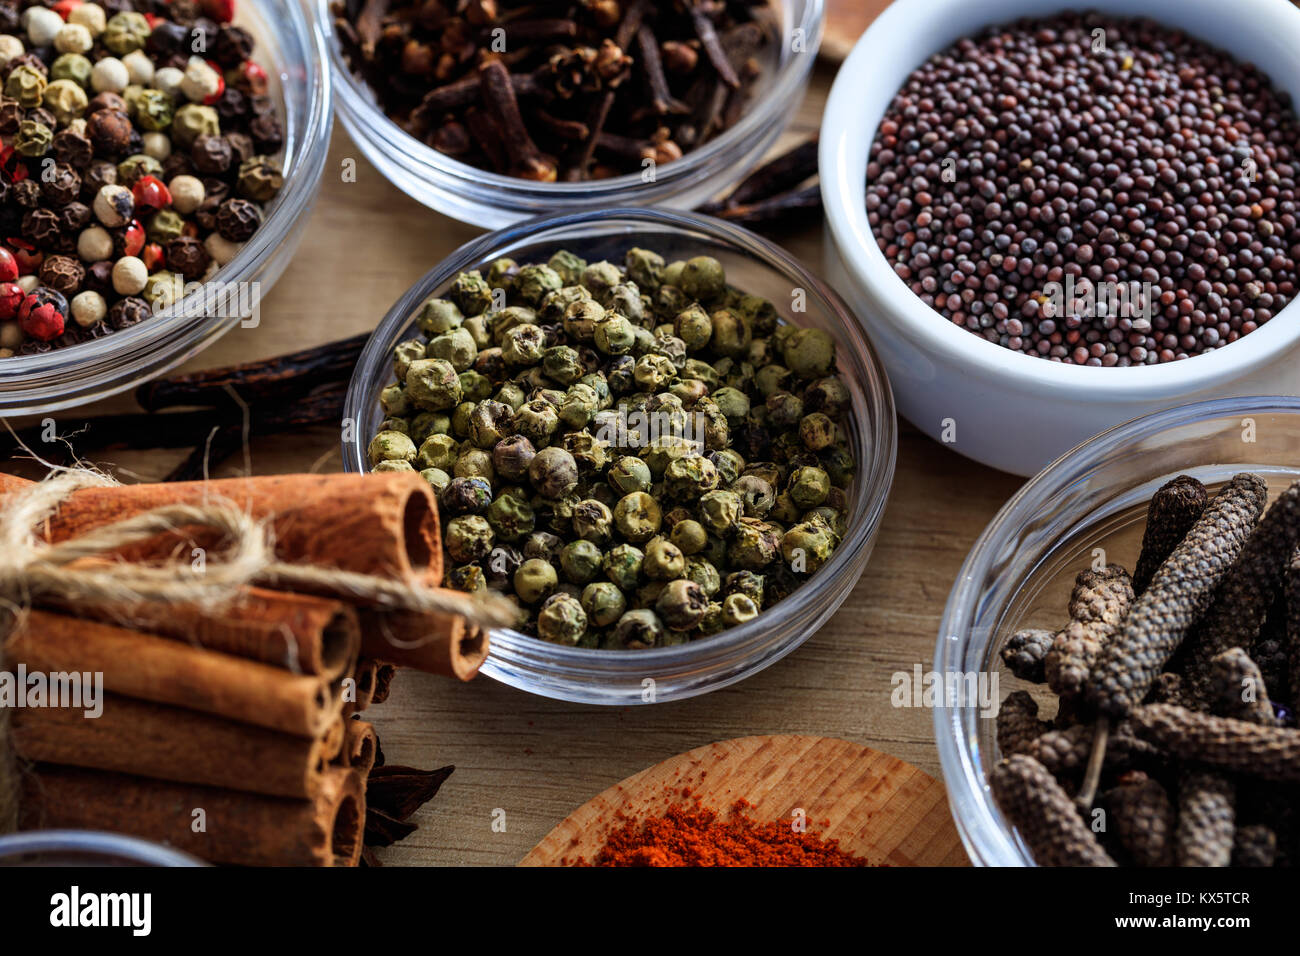 Il pepe verde e altre spezie su una superficie in legno Immagini Stock